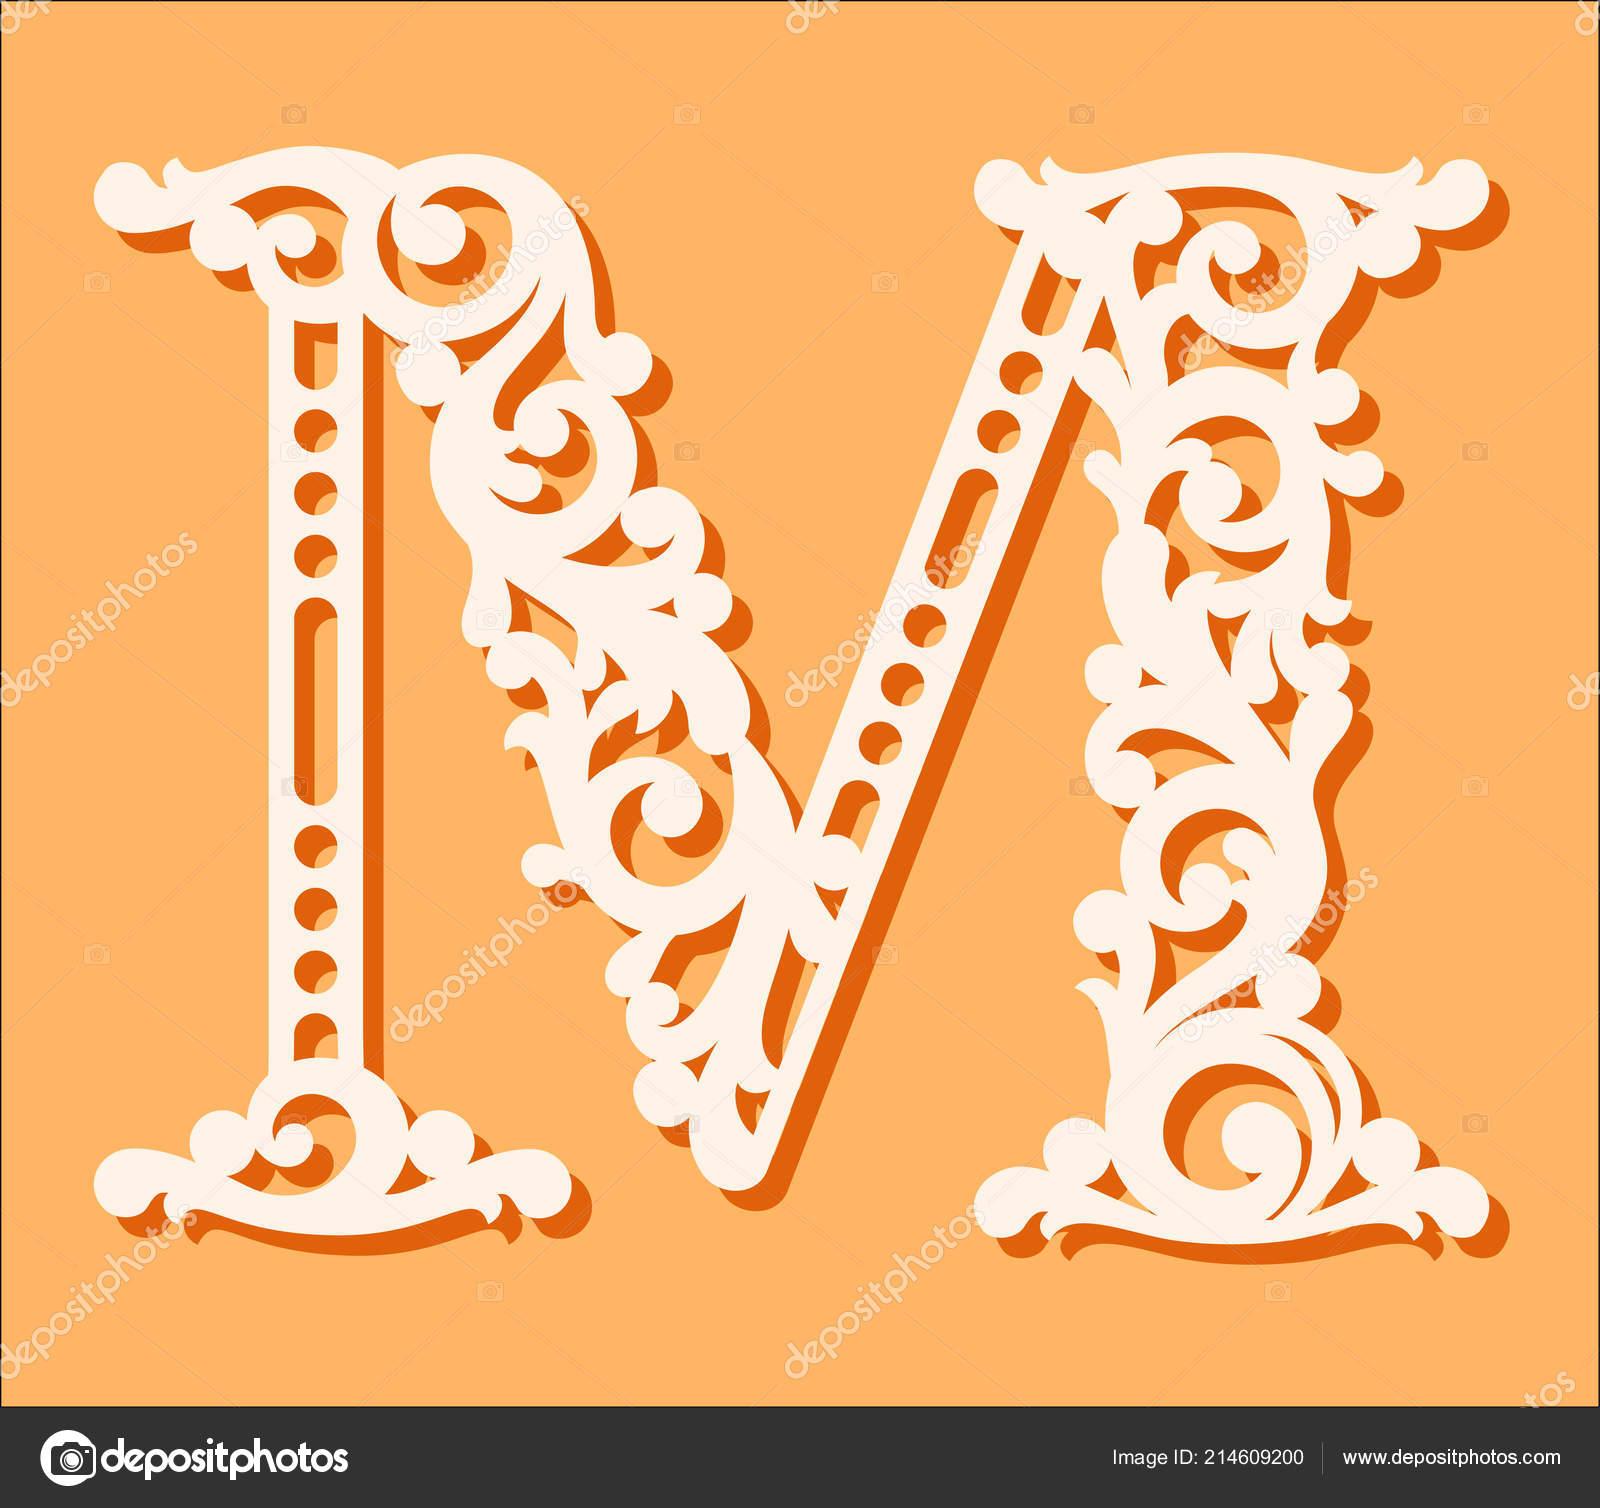 Fancy Monogram Letters | Laser Cut Template Initial Monogram tout Modele Lettre Alphabet